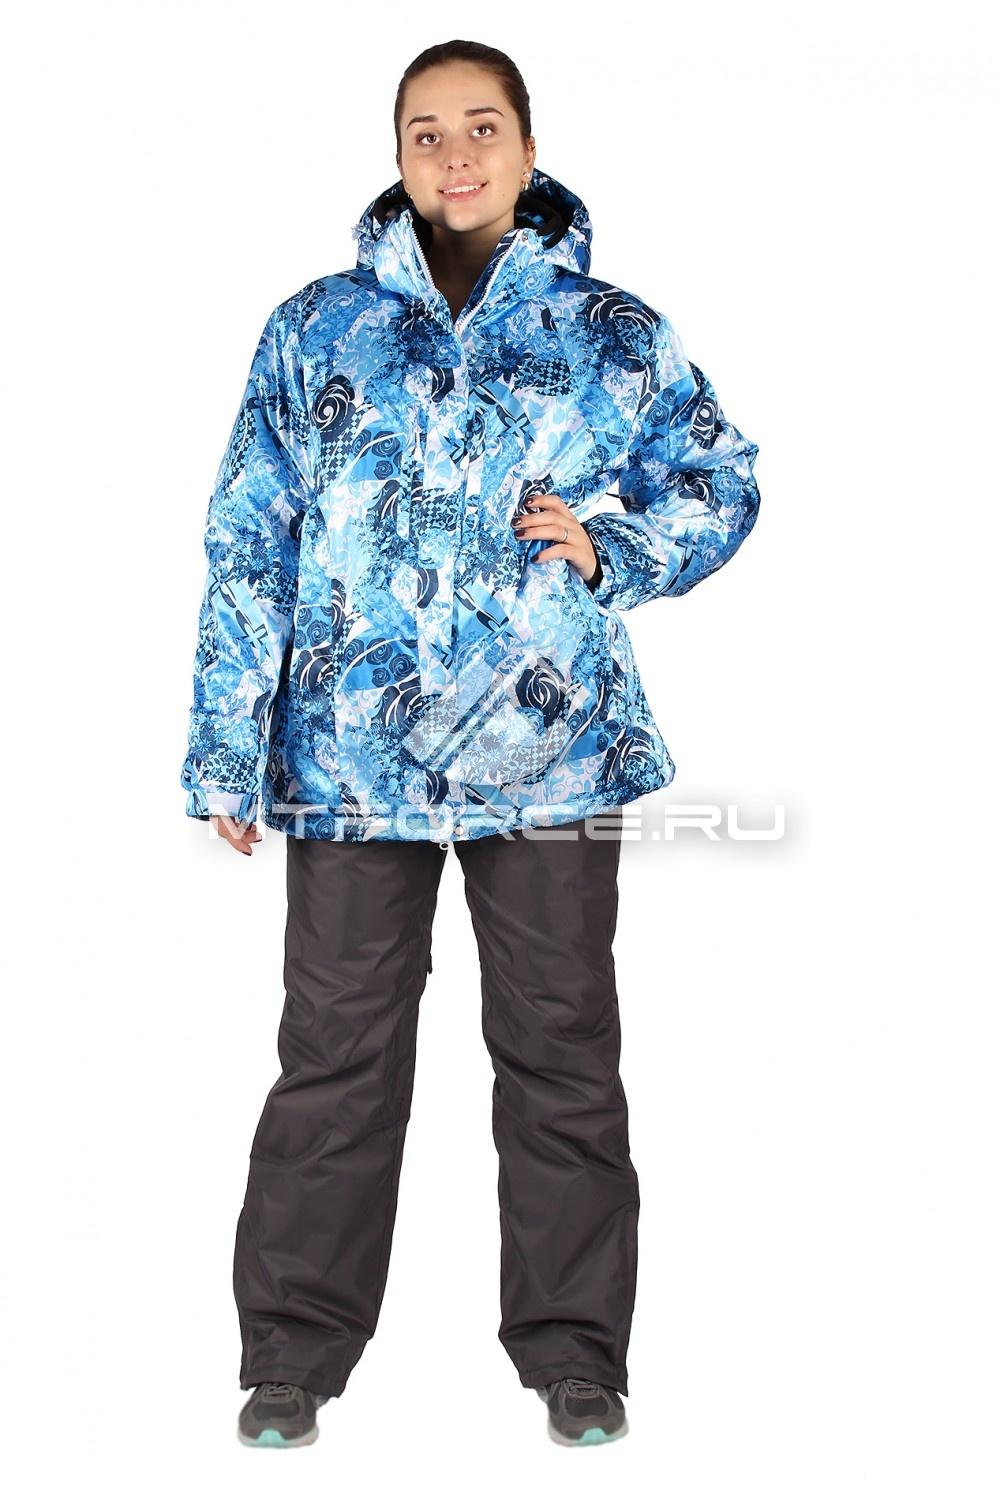 Купить                                  оптом Костюм горнолыжный женский большого размера синего цвета 014114S